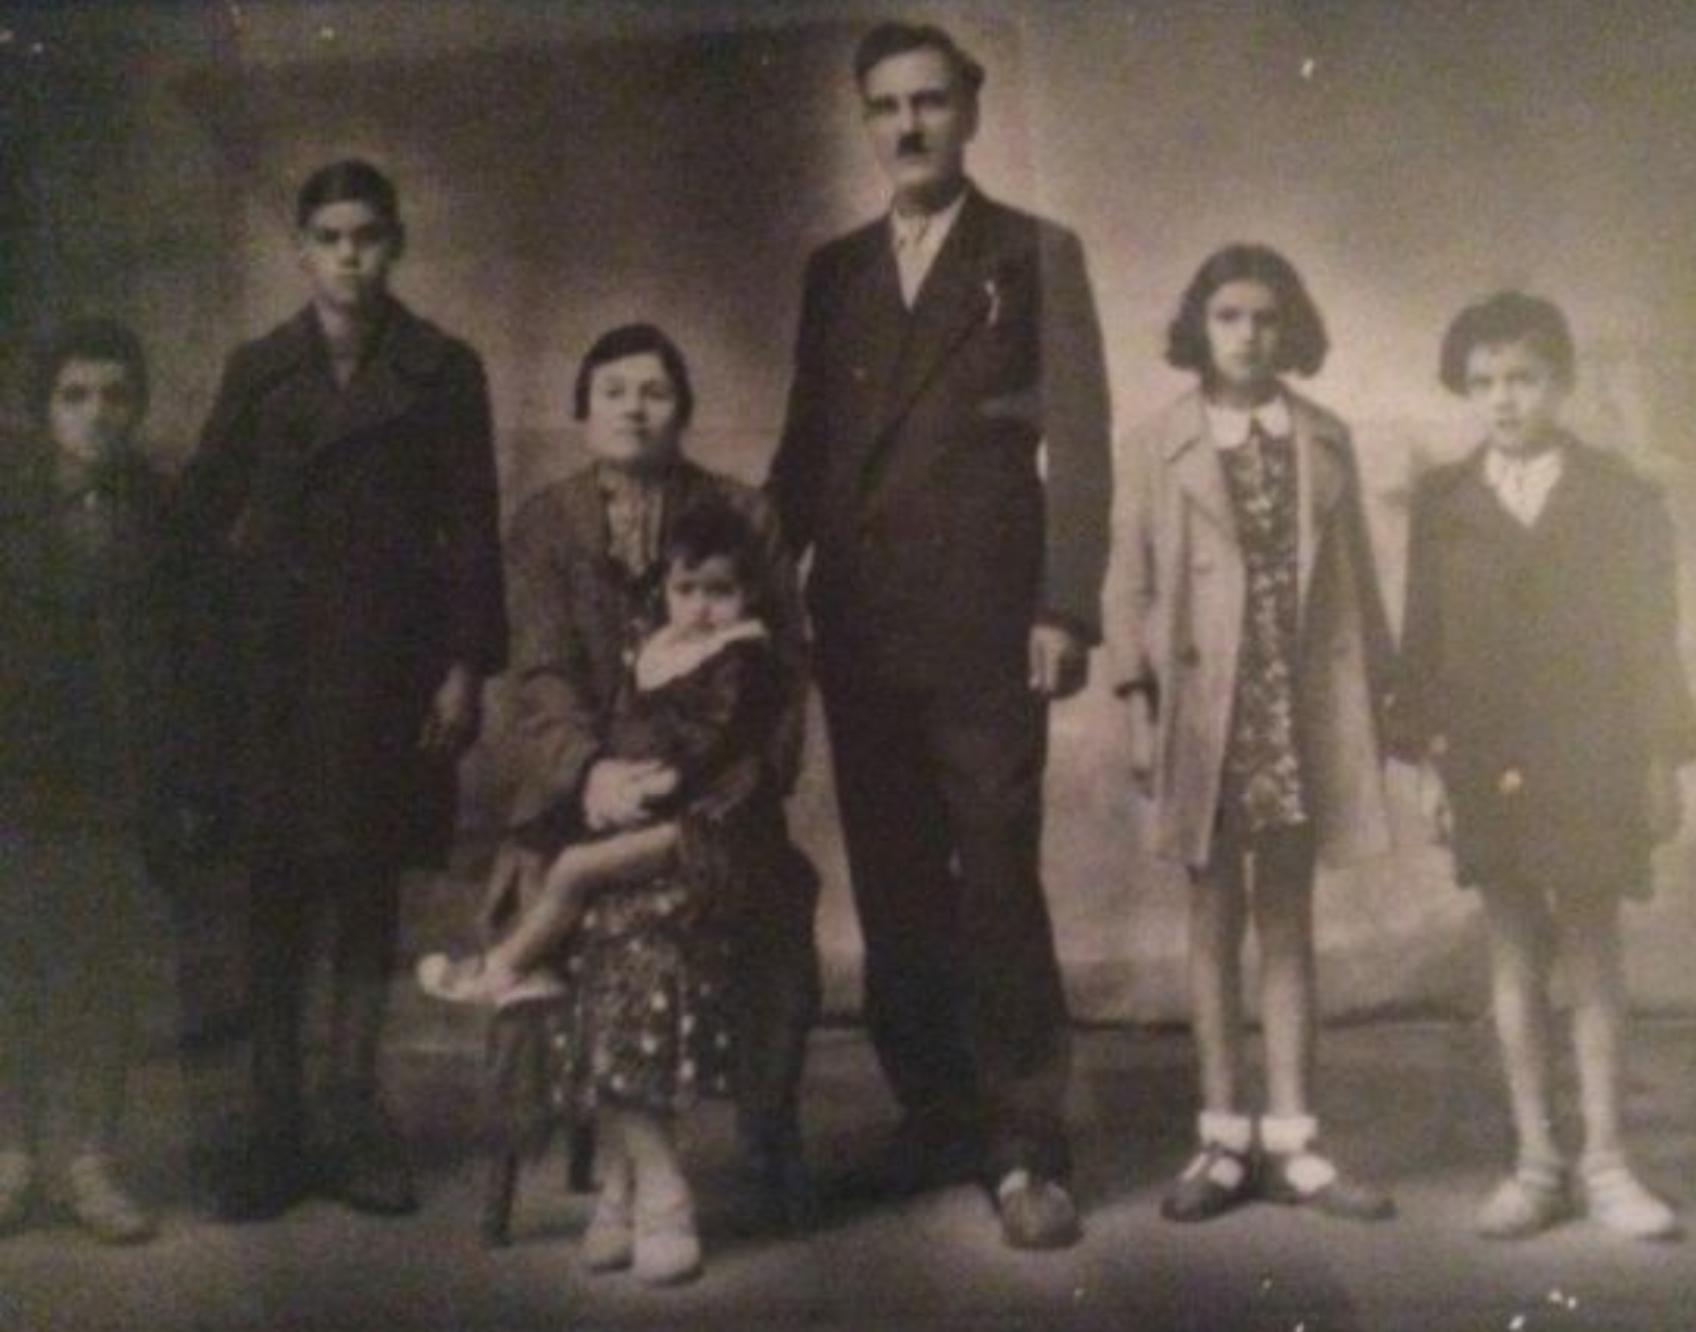 La famiglia Cittone, con tutti i suoi componenti, in una foto d'epoca. Sol Cittone e  la seconda da destra.